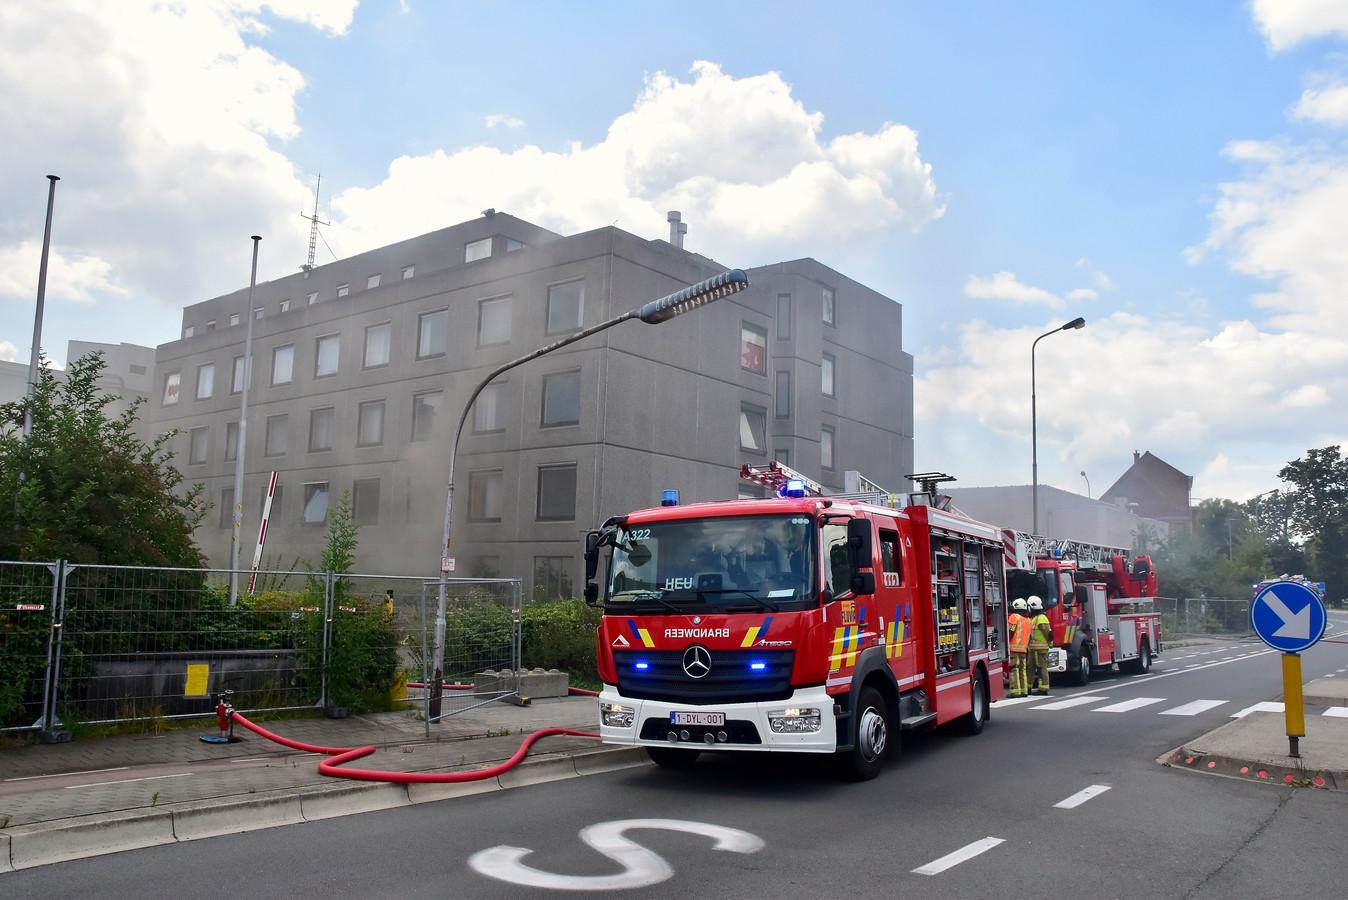 Door de brand in de voormalige Sint-Maartenskliniek was de Burgemeester Vercruysselaan in Kortrijk gehuld in een dichte rook.